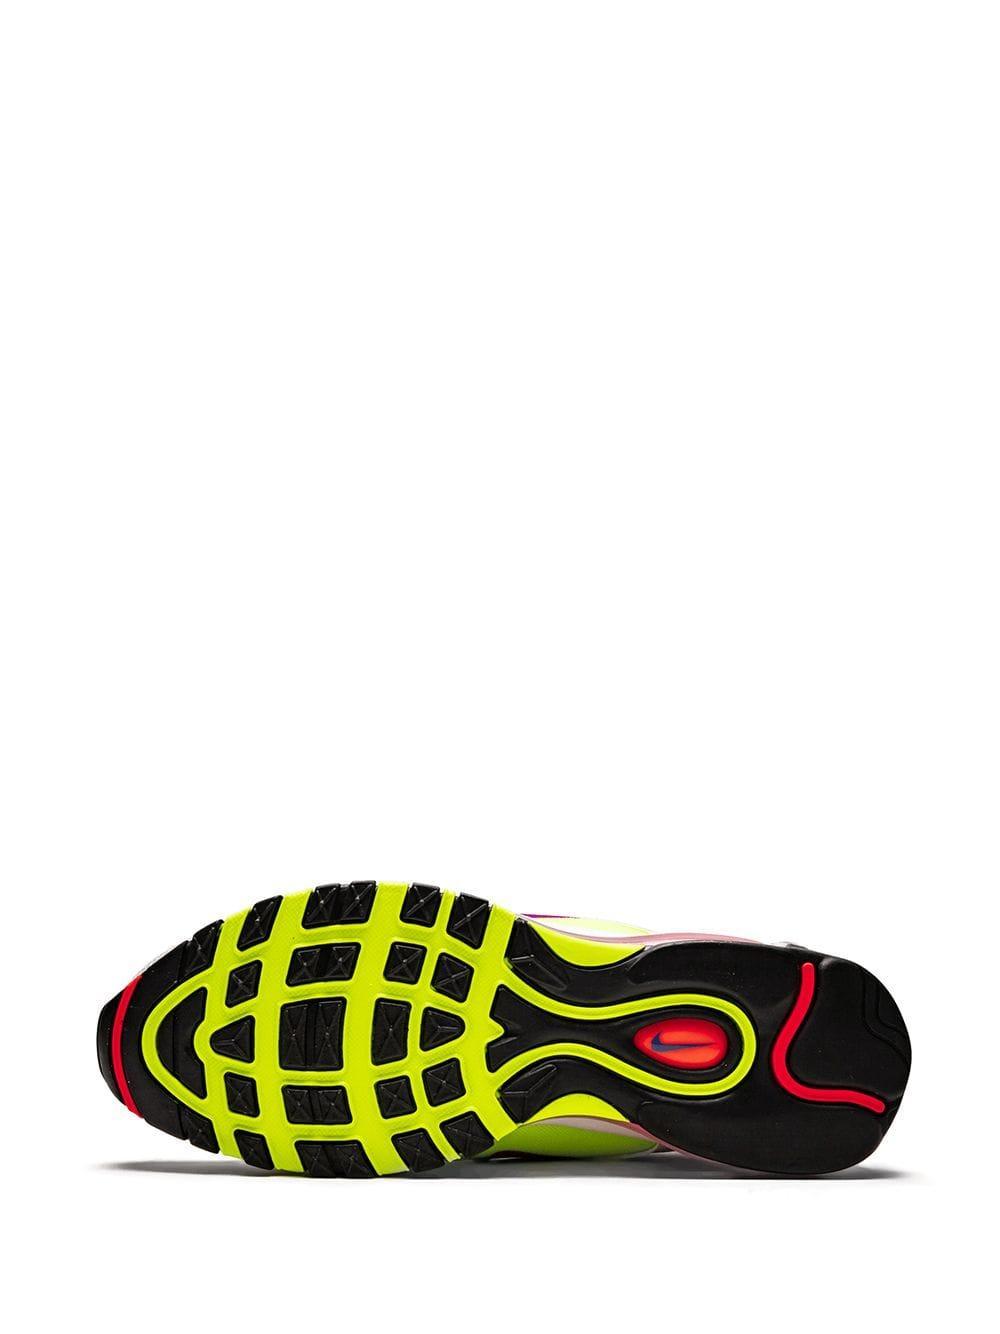 Zapatillas Air Max 97 Nike de Caucho de color Blanco